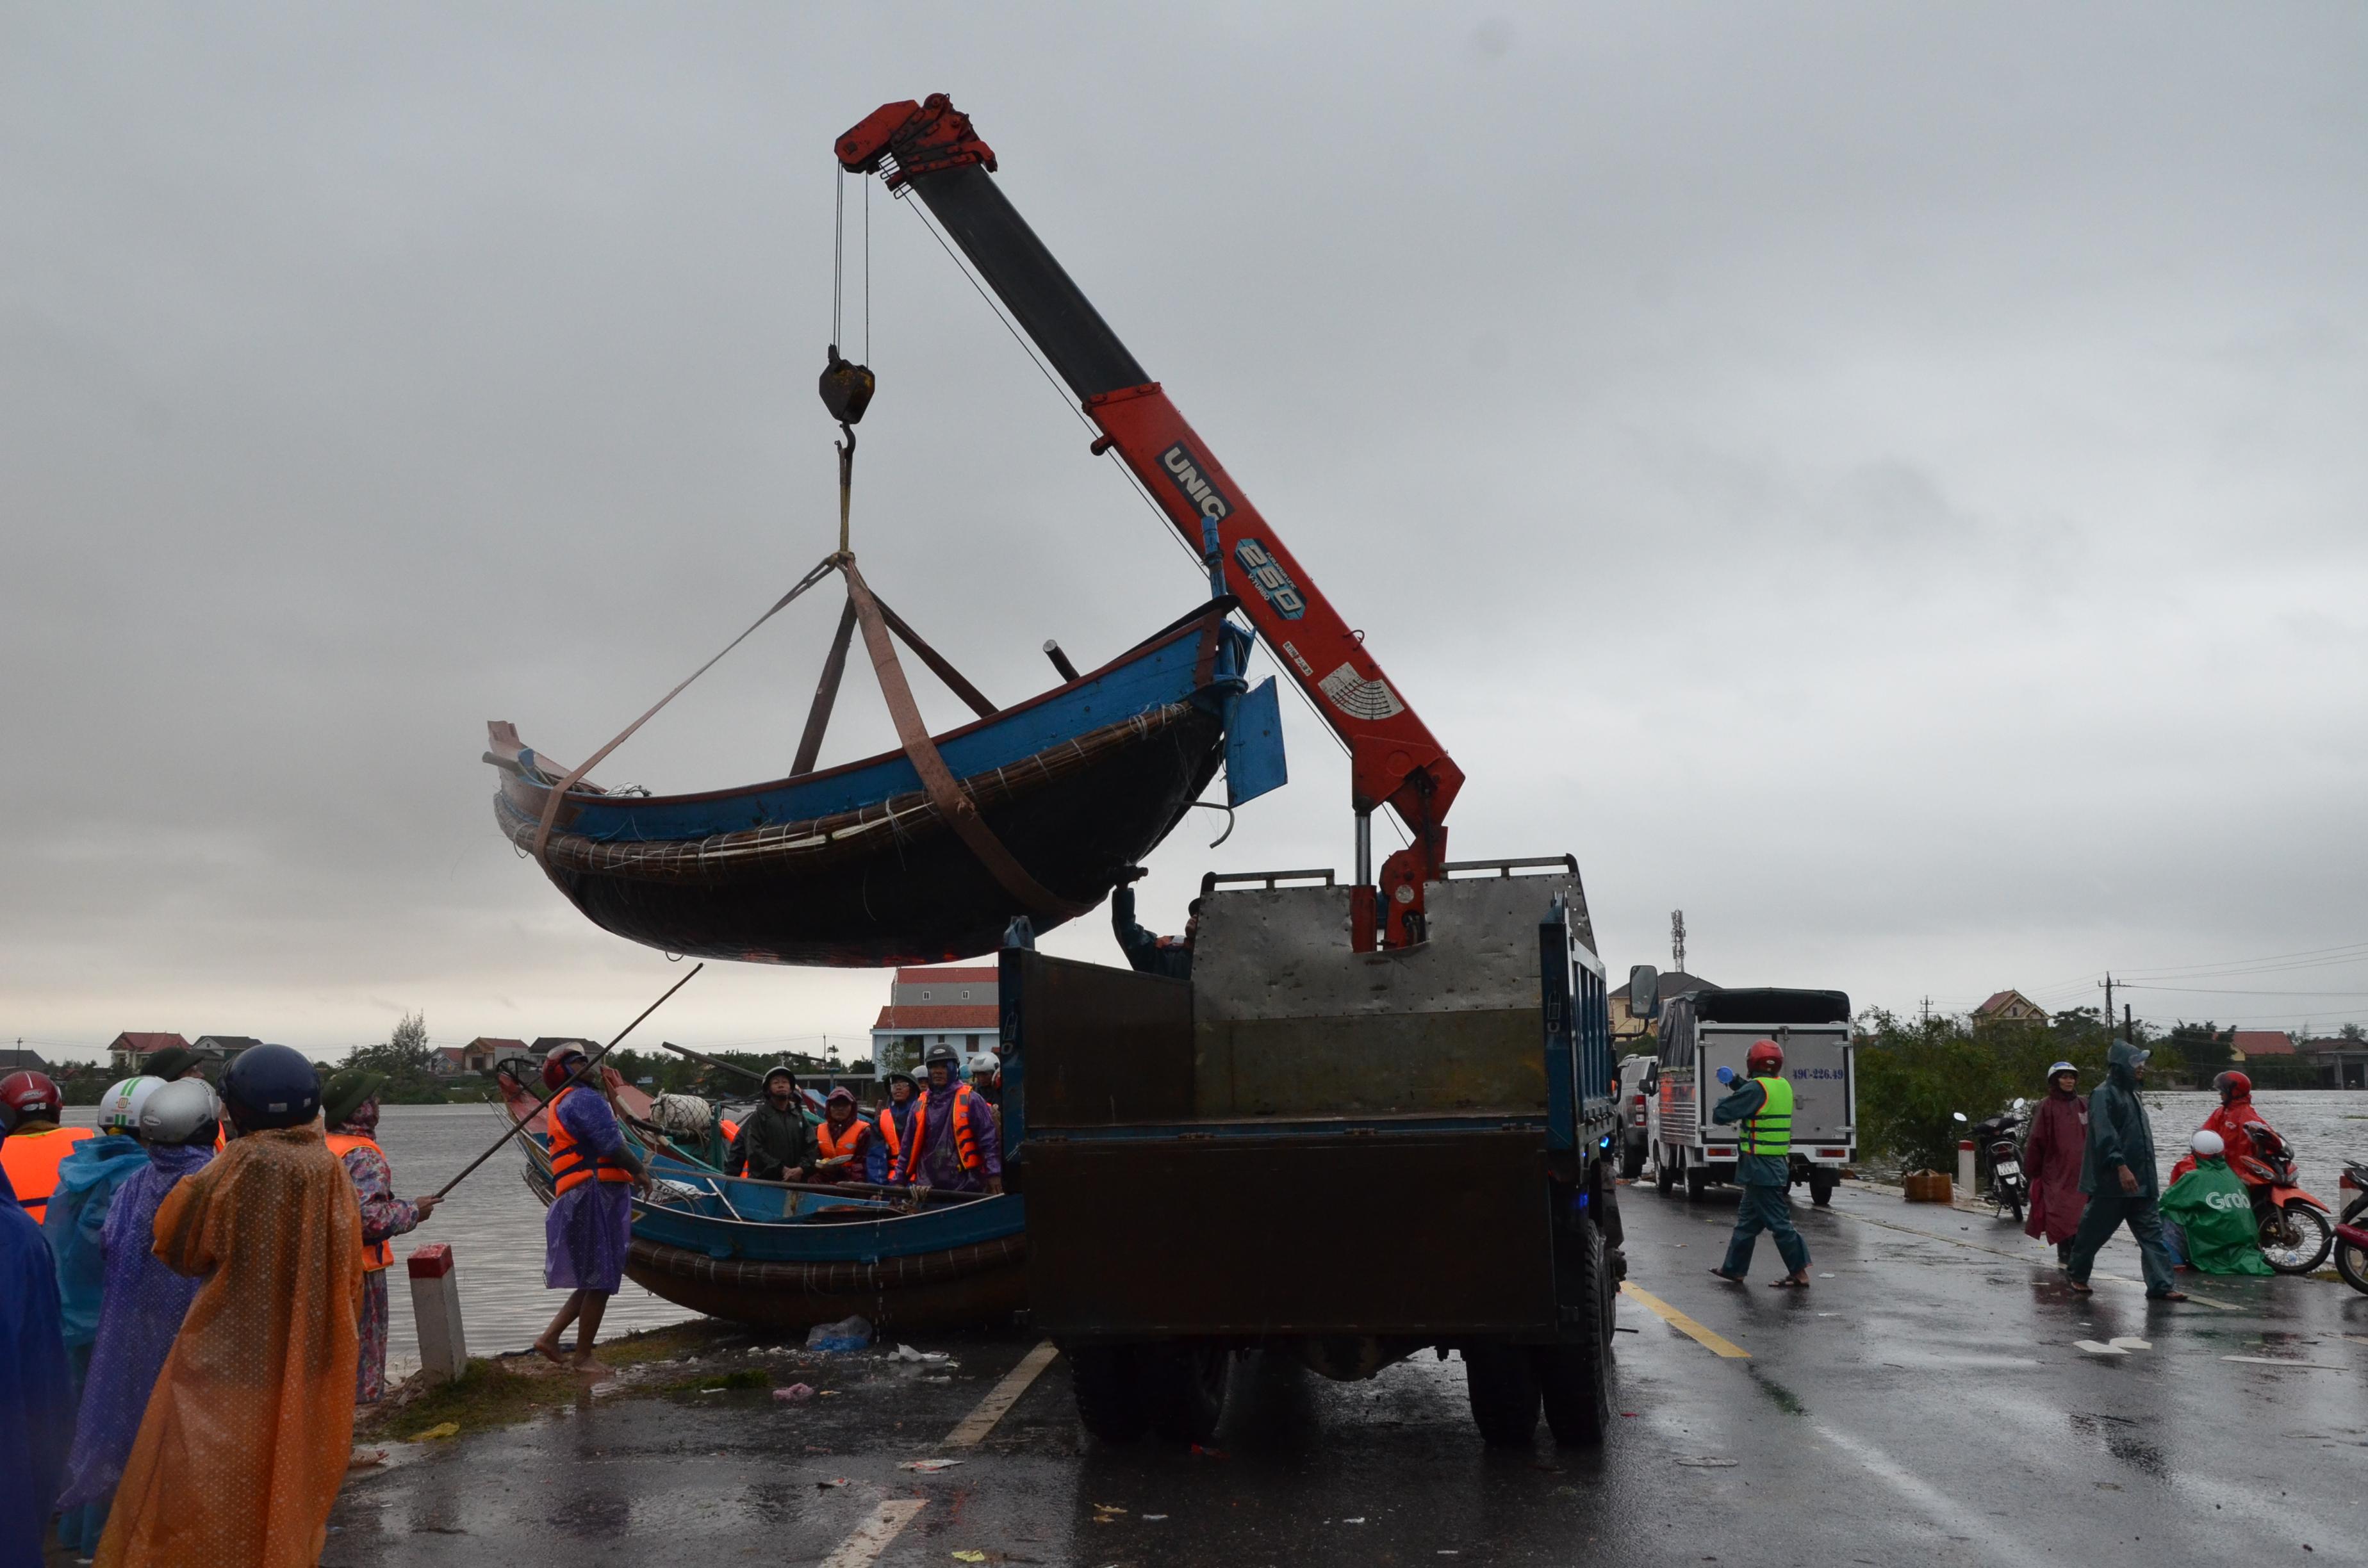 Miếng cơm ăn vội dưới mưa trên đường đưa đồ tiếp tế cho dân bị lũ cô lập ở Quảng Bình - Ảnh 1.